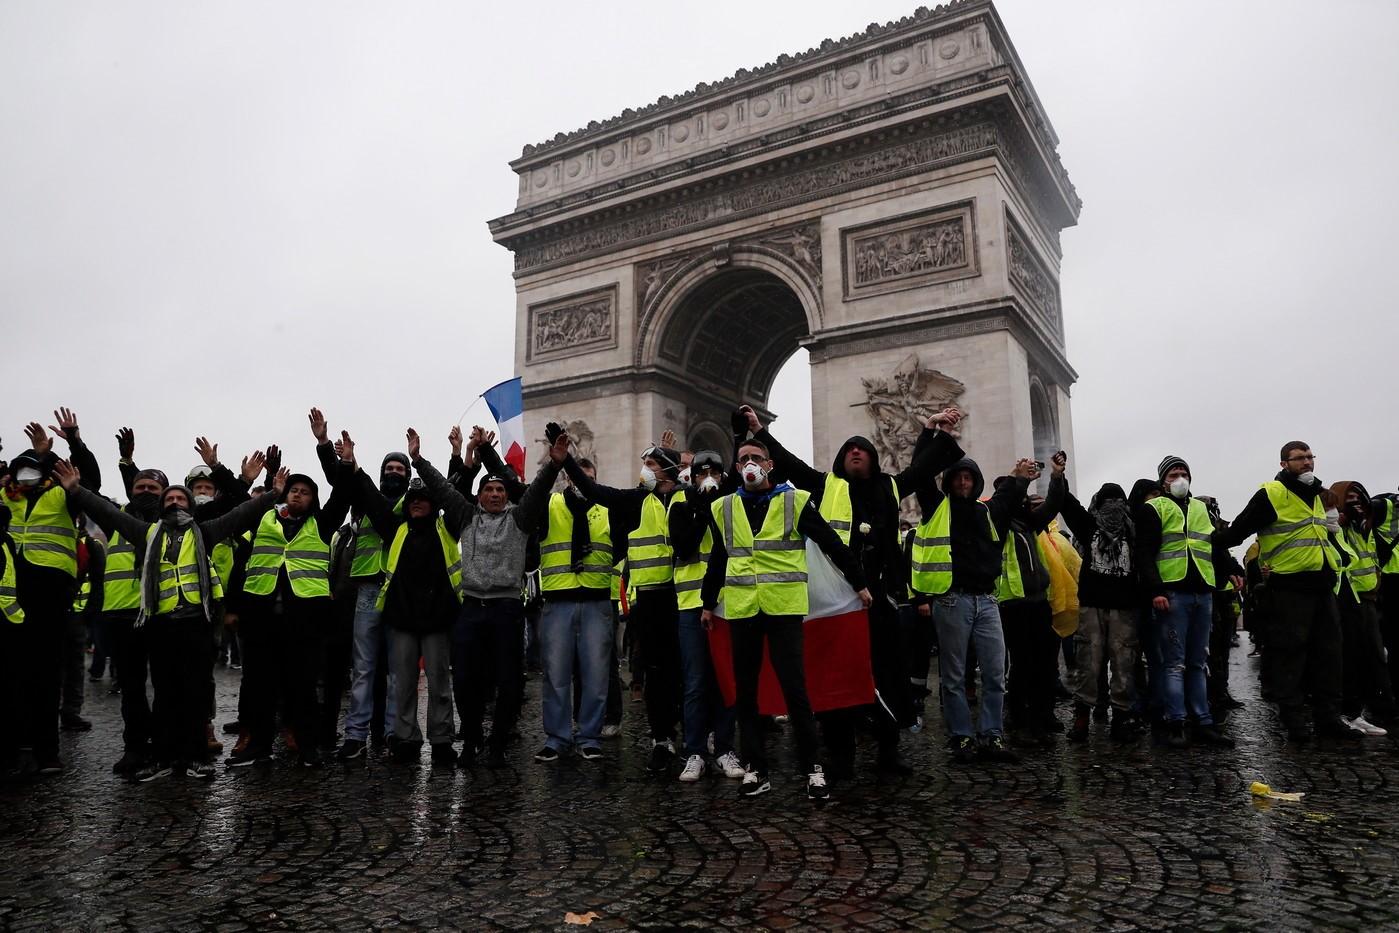 MACRON SOUS PRESSION    La France est connue à travers le monde pour une tendance d'utiliser l'action revendicative afin d'atteindre un but. Les grèves, les manifestations, voire des émeutes ne sont pas rare. Généralement, les manifestations sont composées de quelques…   Par Oscar Smith